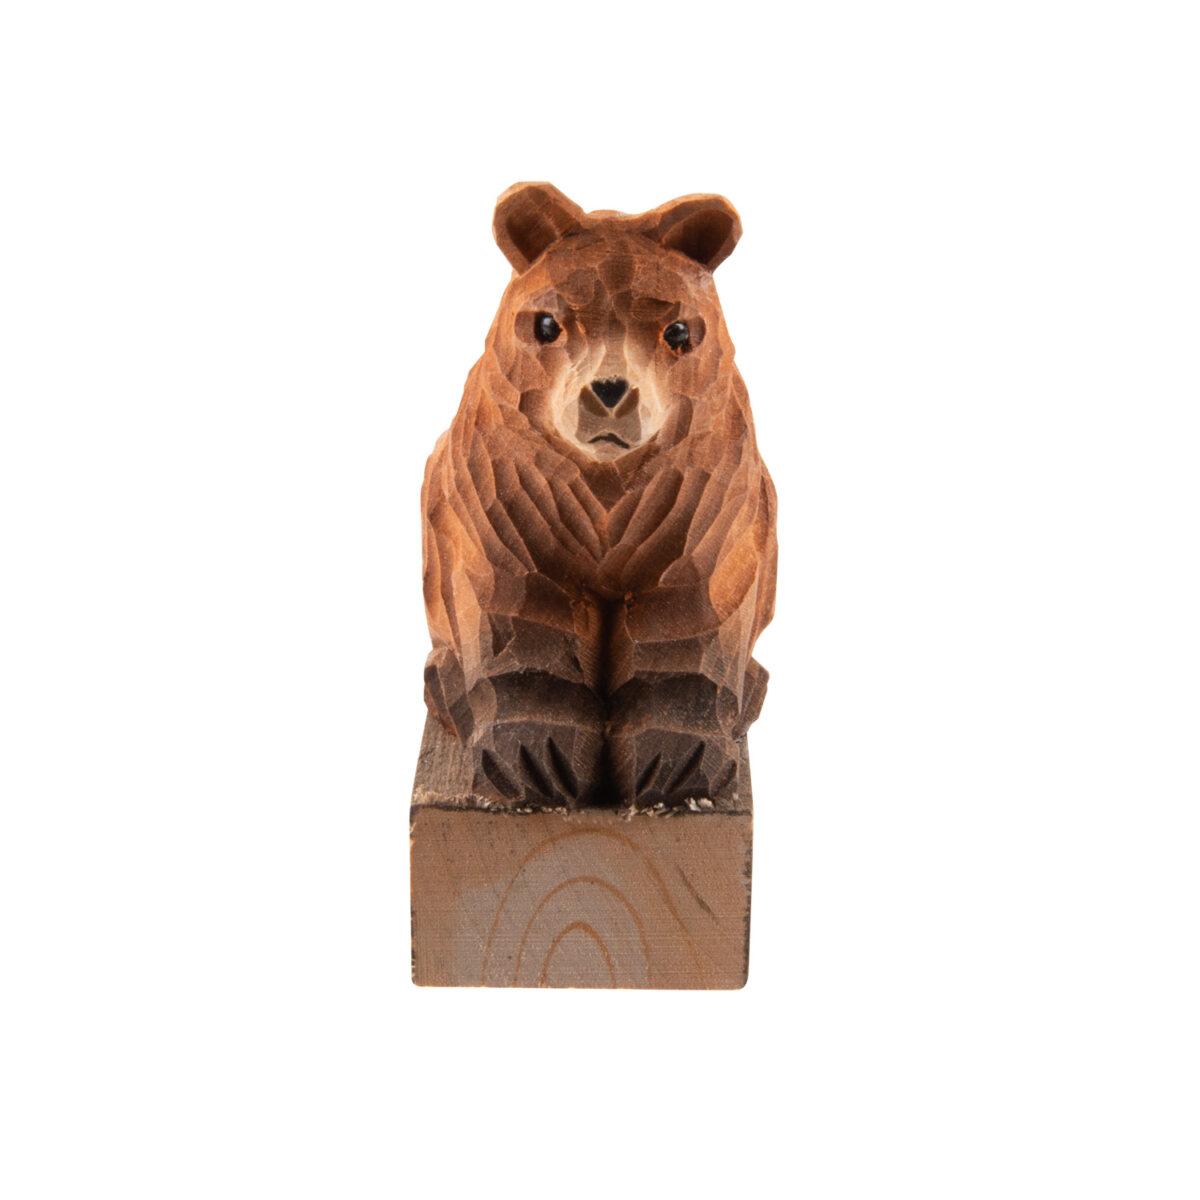 houten deurstop beer